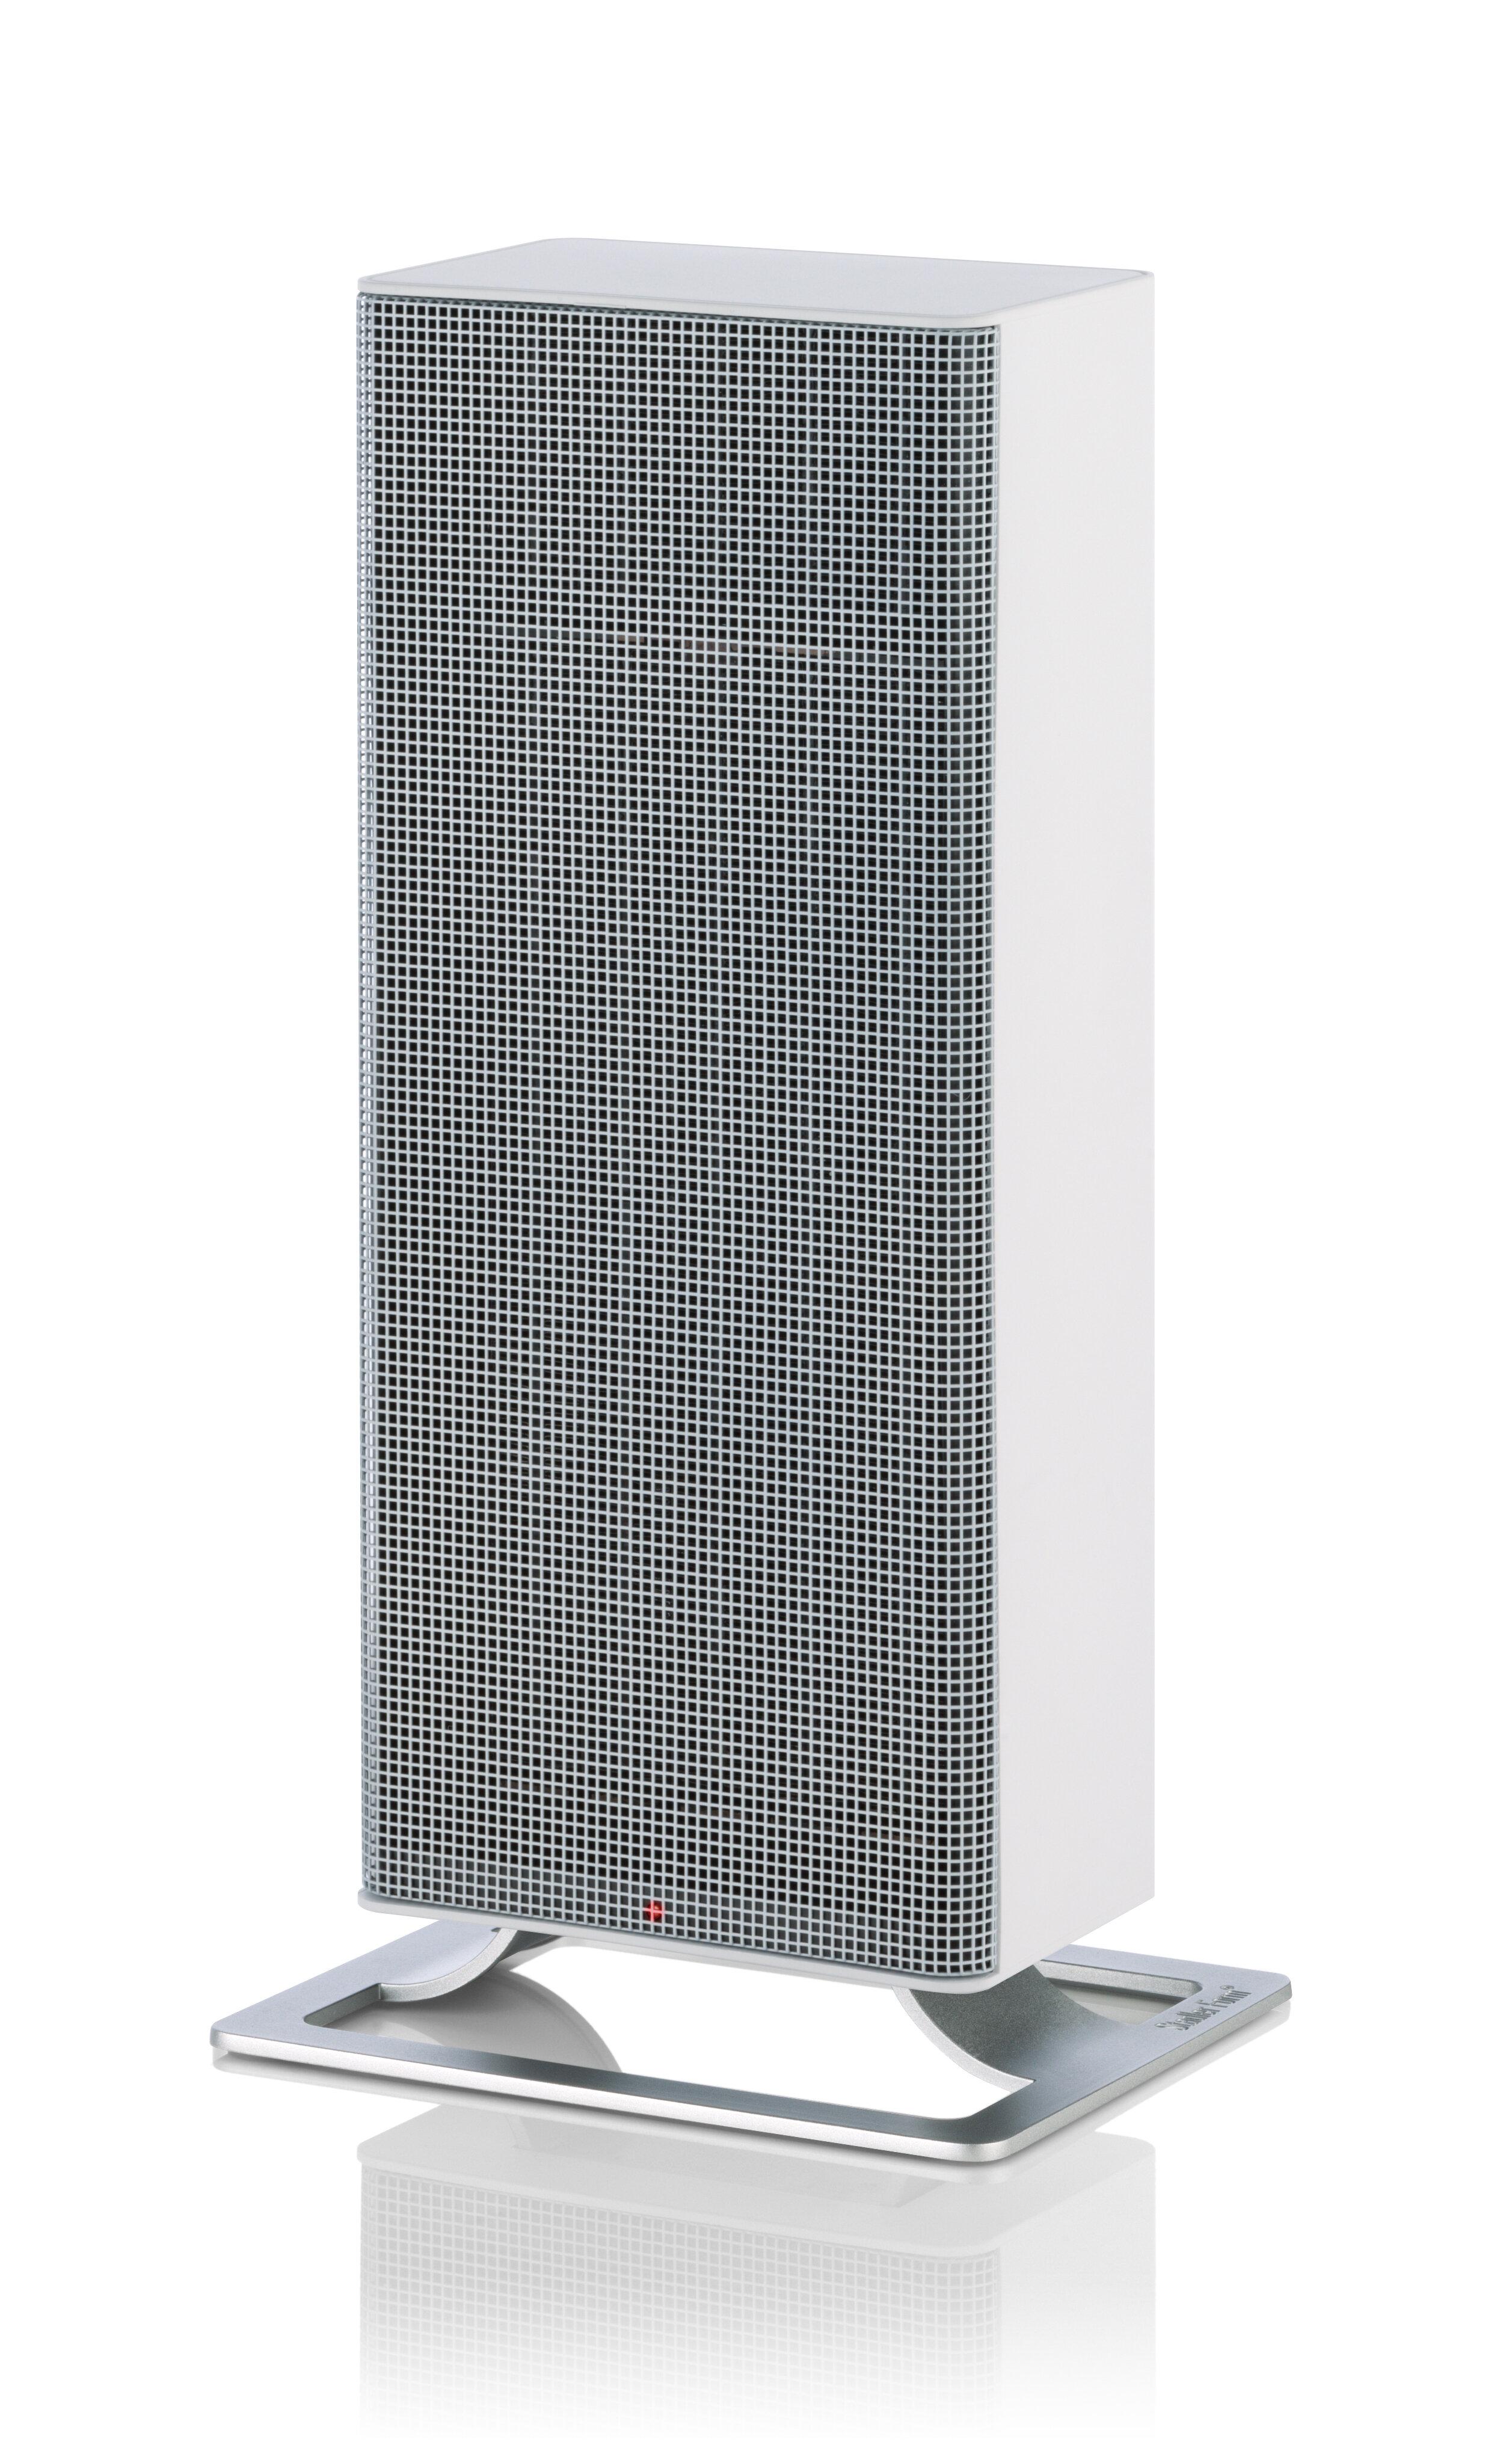 Stadler Form Anna 800 Watt Portable Electric Heater Reviews Wayfair Technology Pinterest Circuit And Html